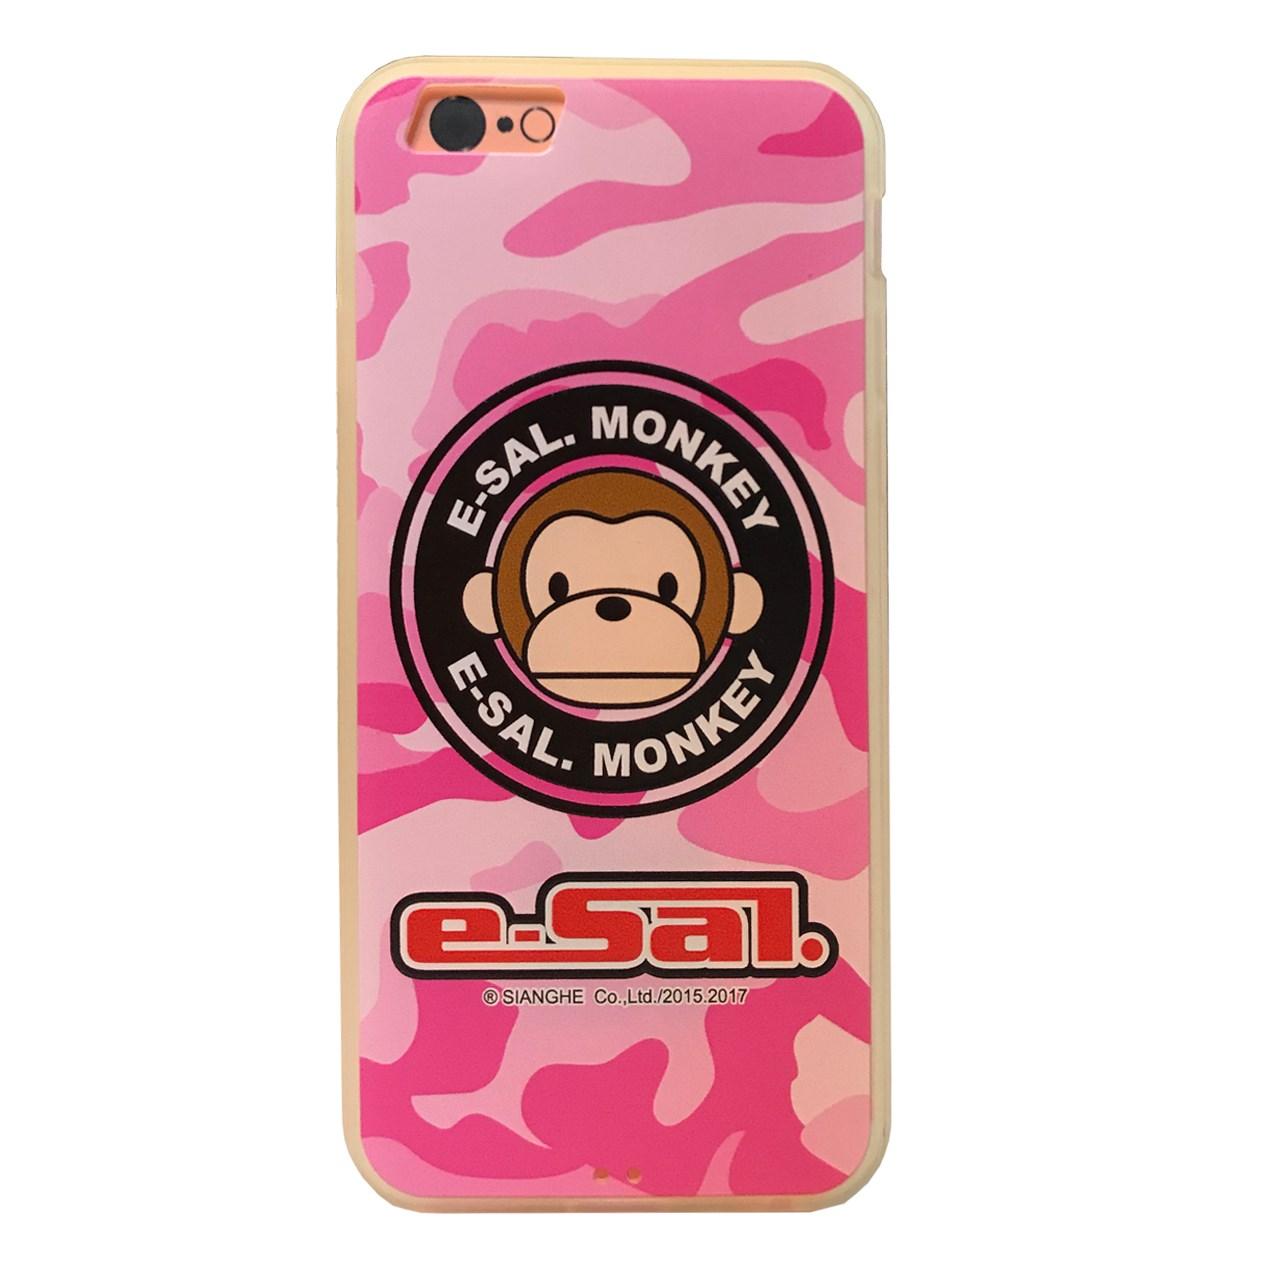 کاور مدل 4 Monkey  مناسب برای گوشی موبایل آیفون 6 /6s